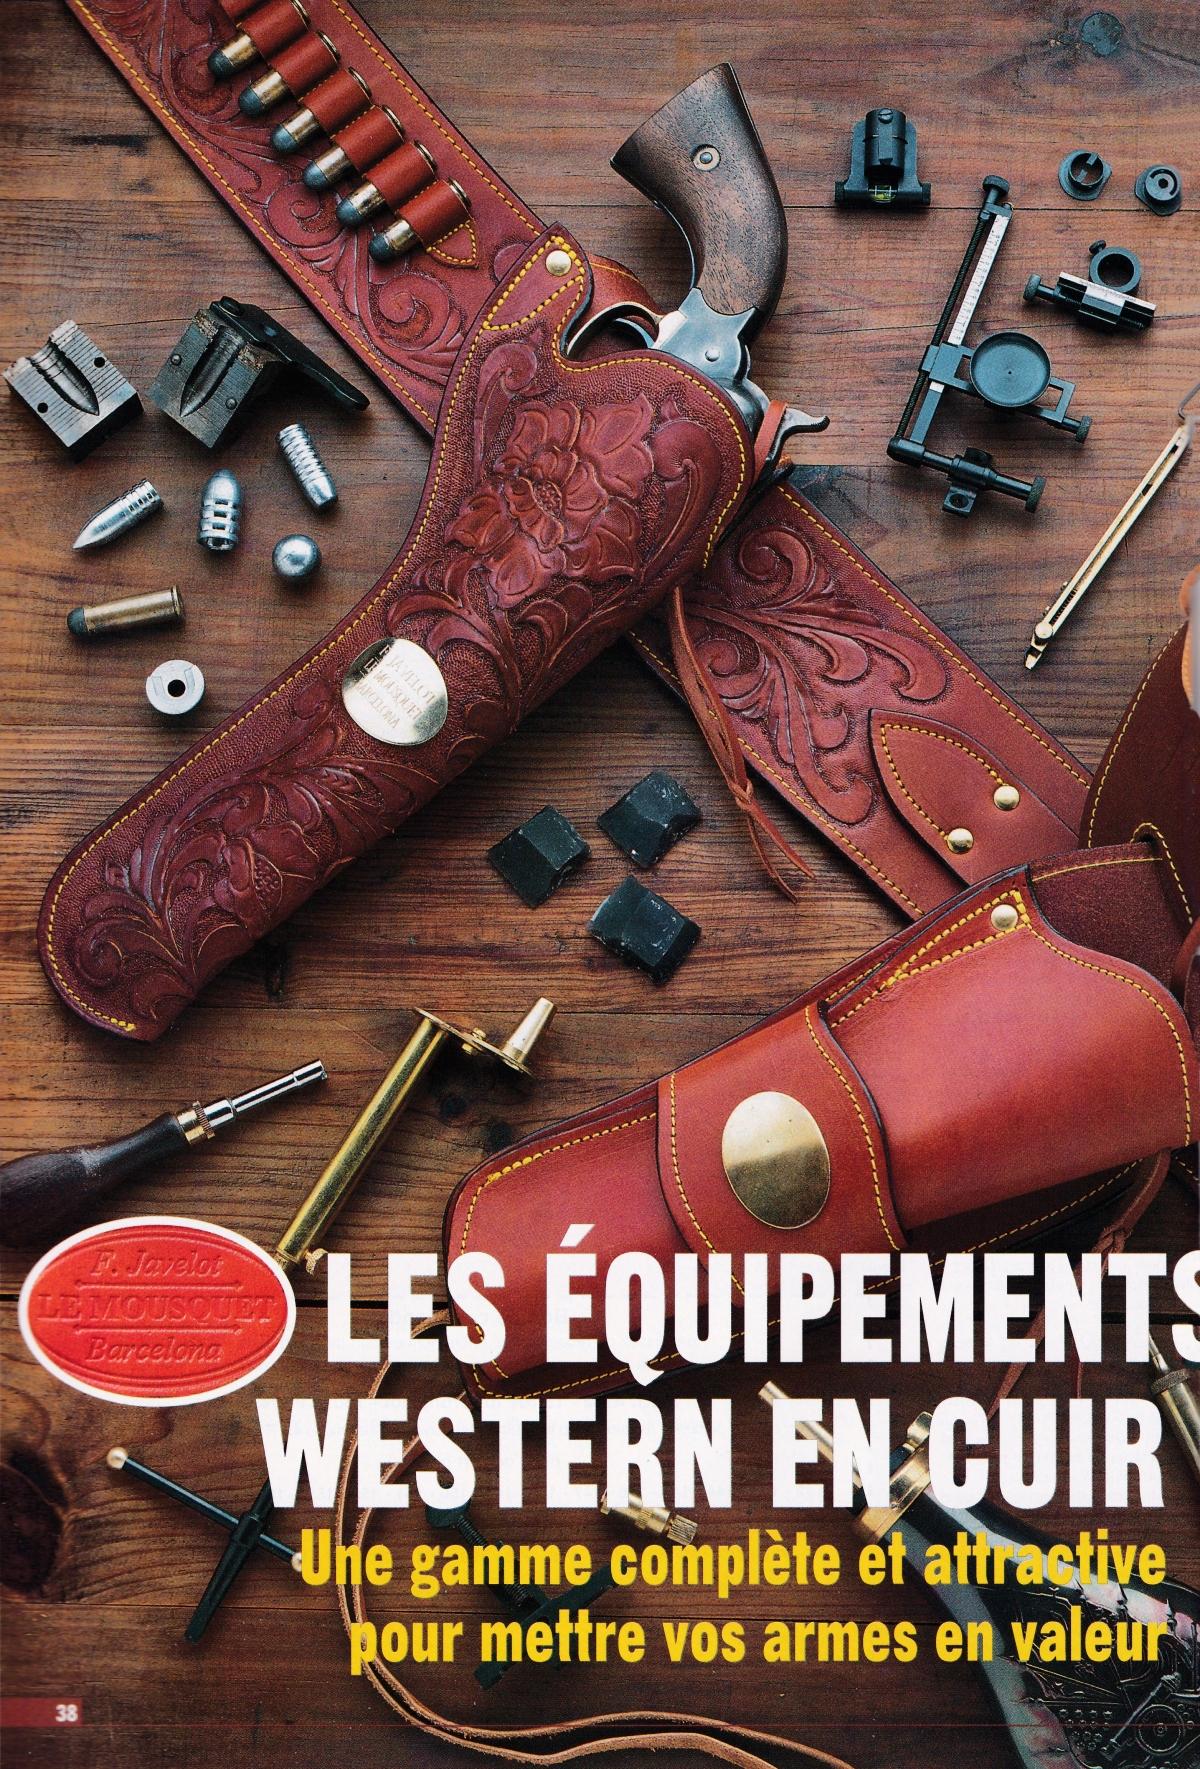 Les équipements Western_ouverture_small